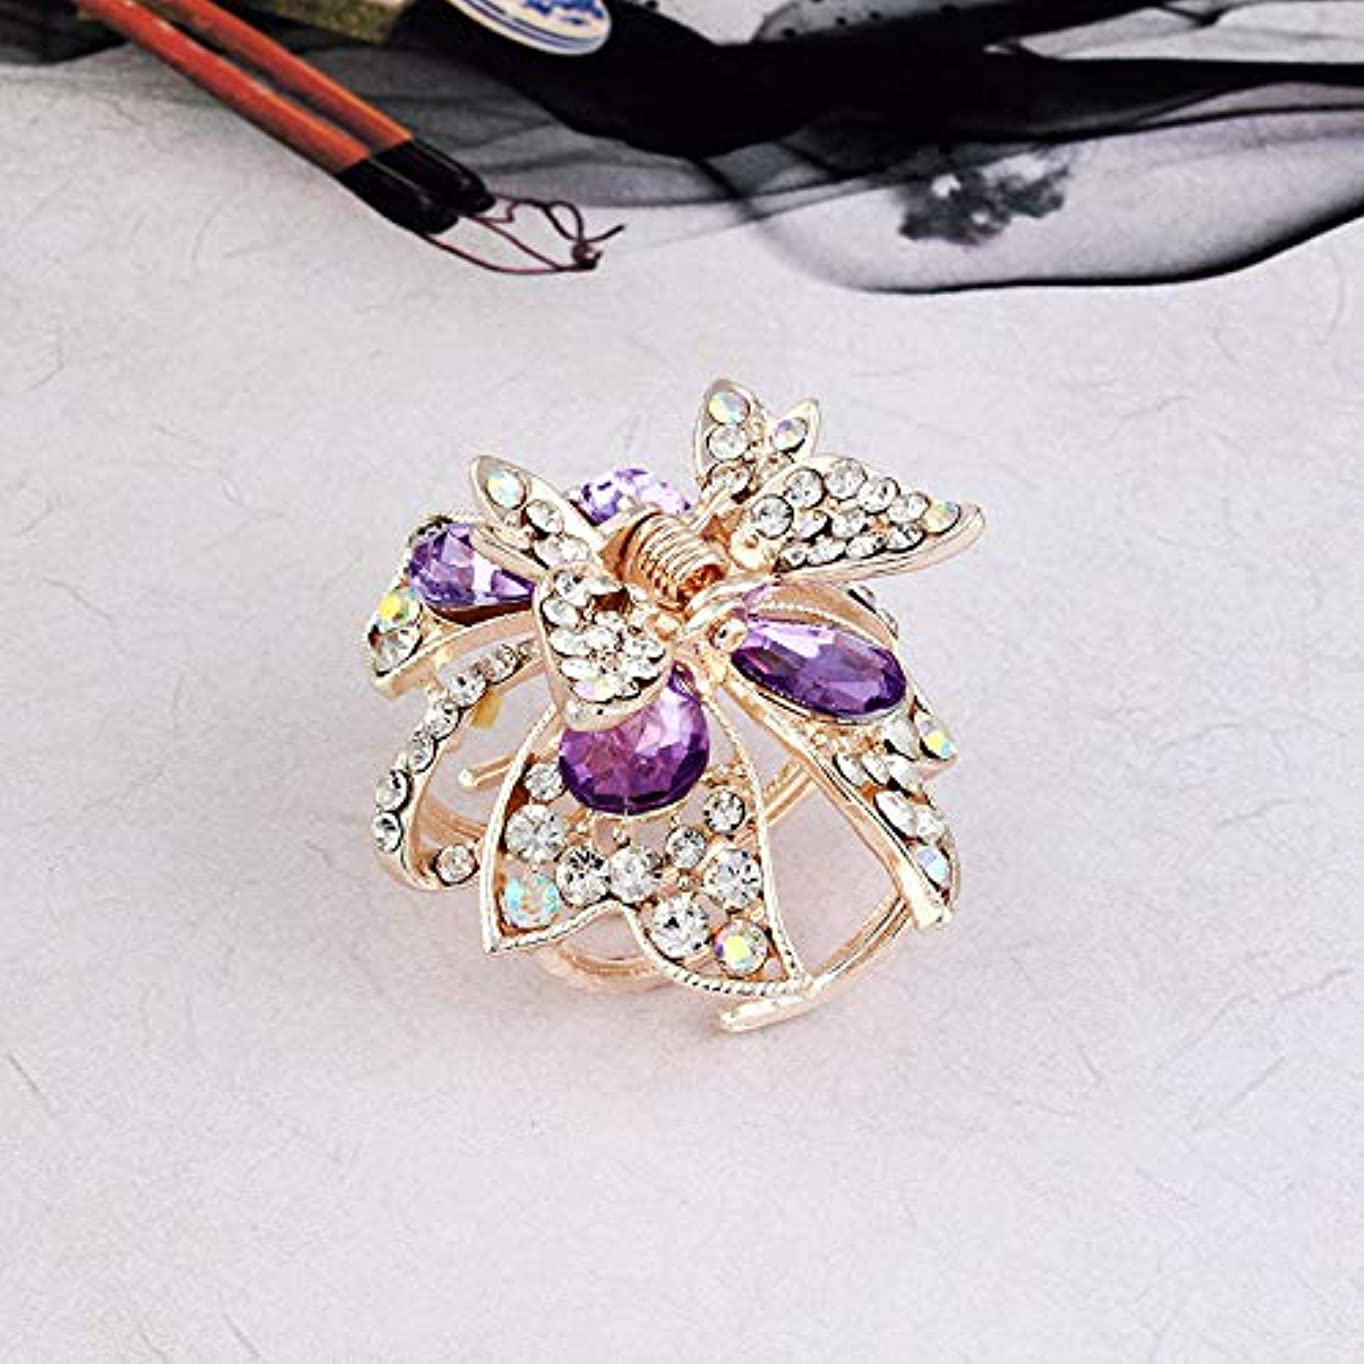 ドアミラー感じる乗り出すHuaQingPiJu-JP 1Pc DIY魔法の髪の女性の女の子ヘアピン蝶のヘアクリップパーティーヘアスタイルツールアクセサリー(紫)